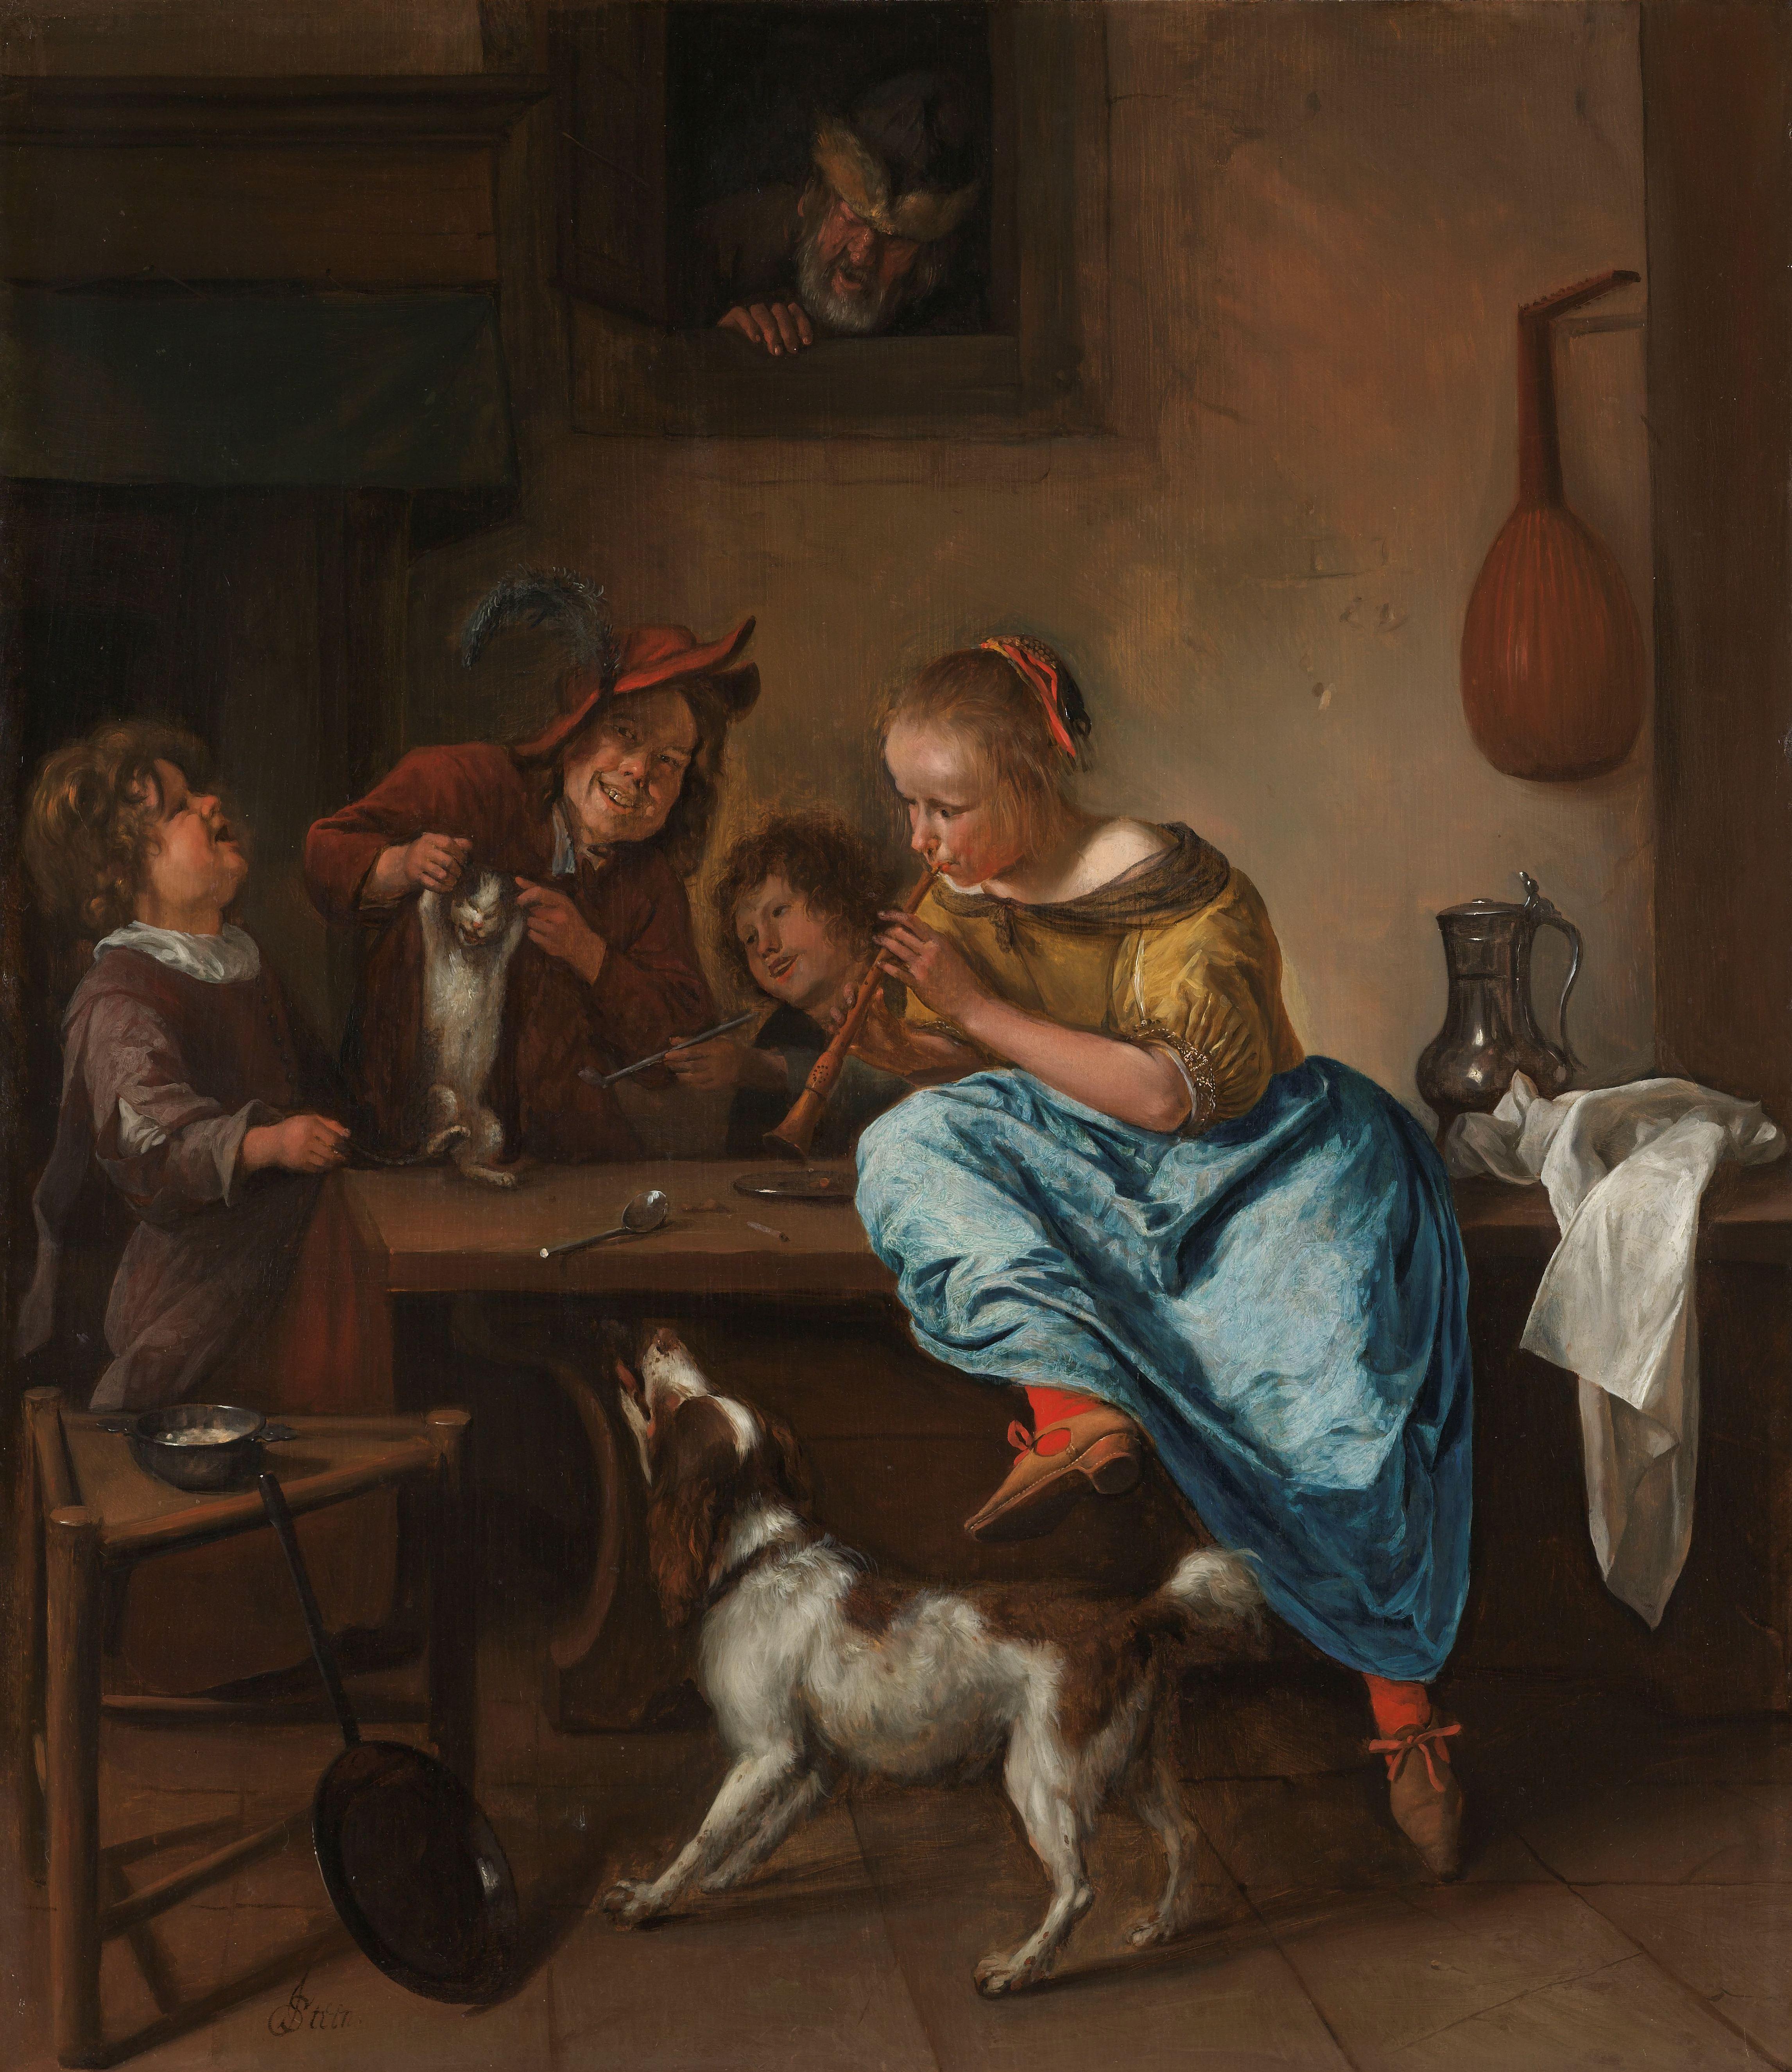 Bestand kinderen leren een poes dansen bekend als de dansles rijksmuseum sk a - Kinder schilderij ...